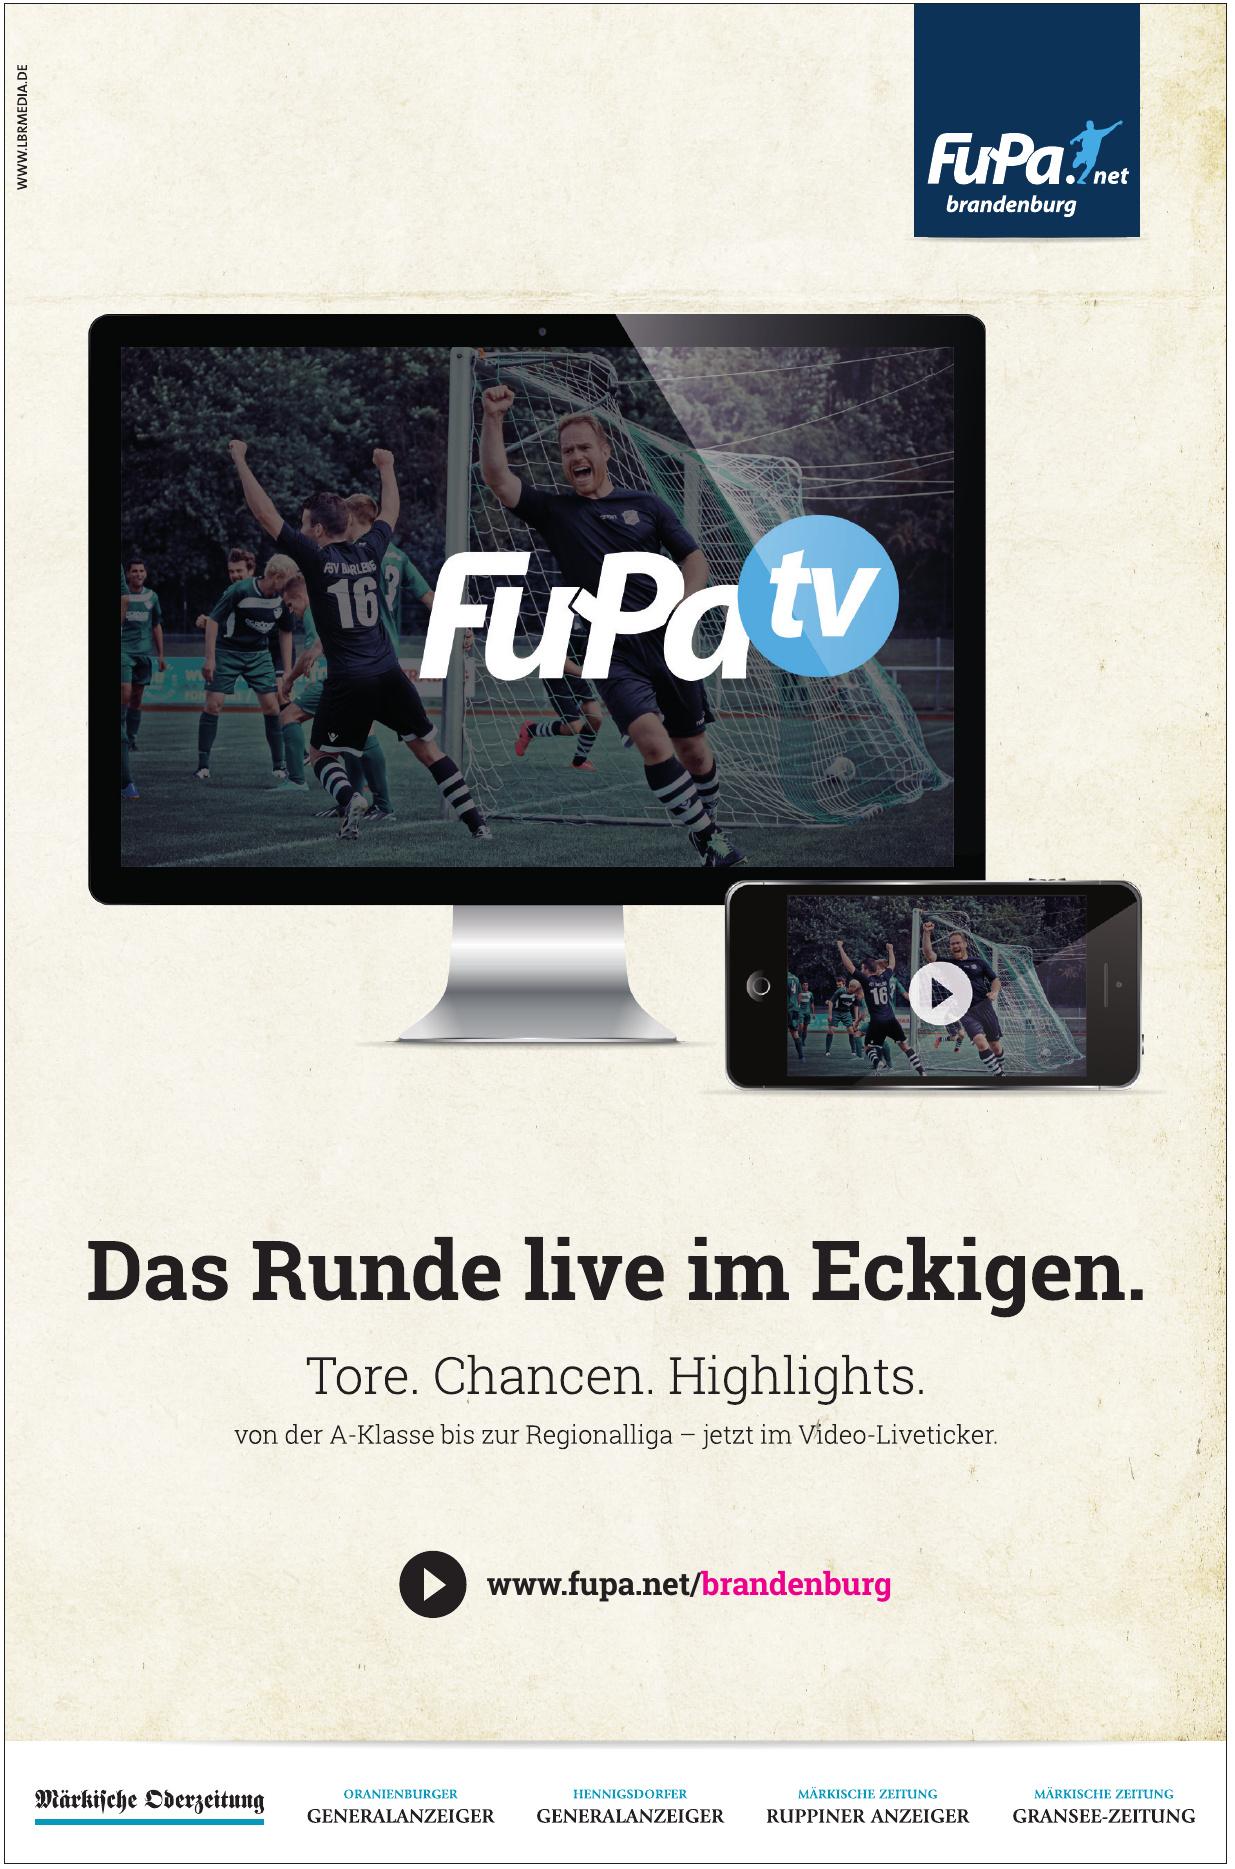 FuPa Brandenburg